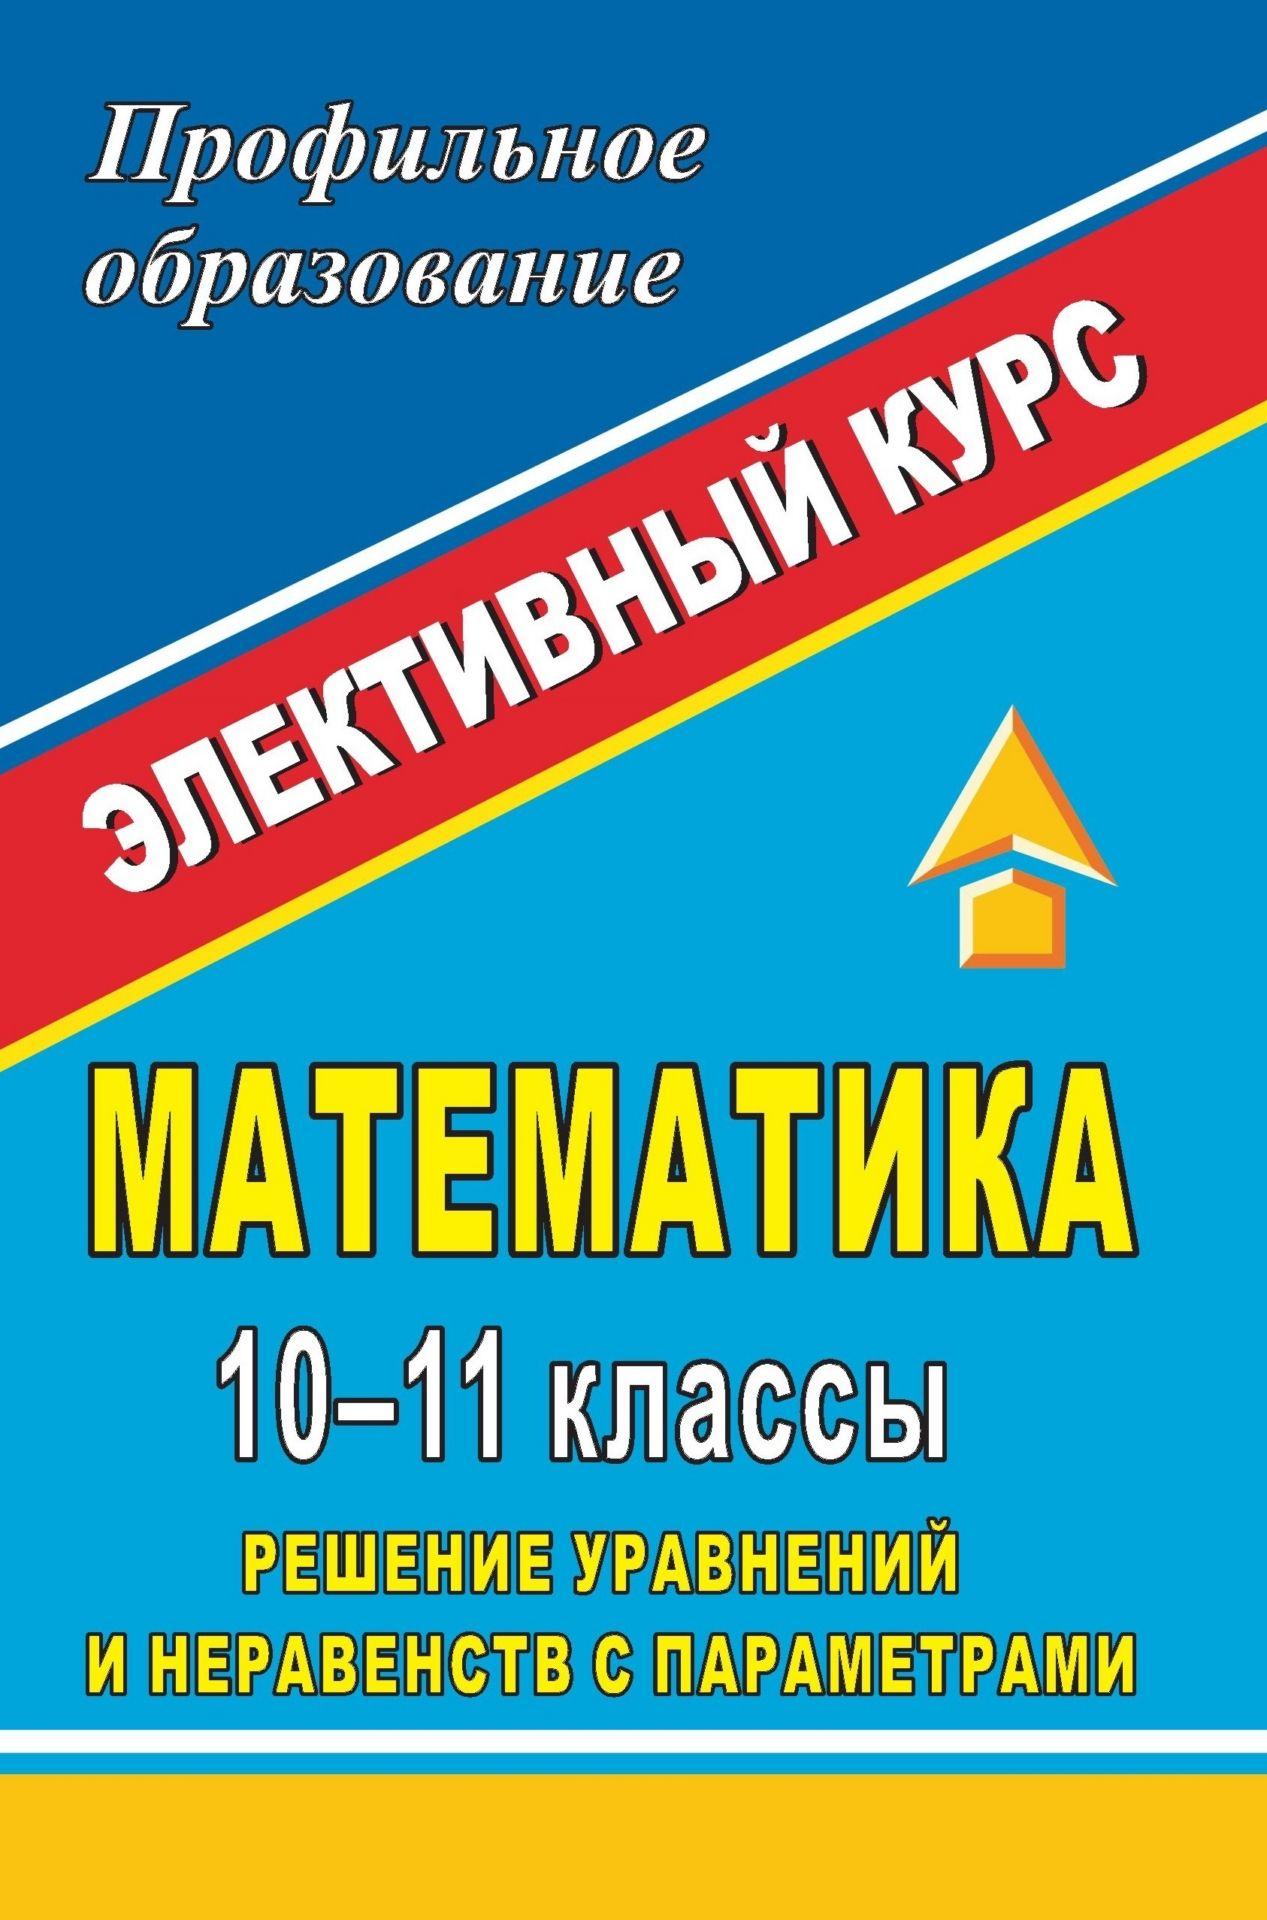 Математика. 10-11 классы. Решение уравнений и неравенств с параметрами: элективный курс